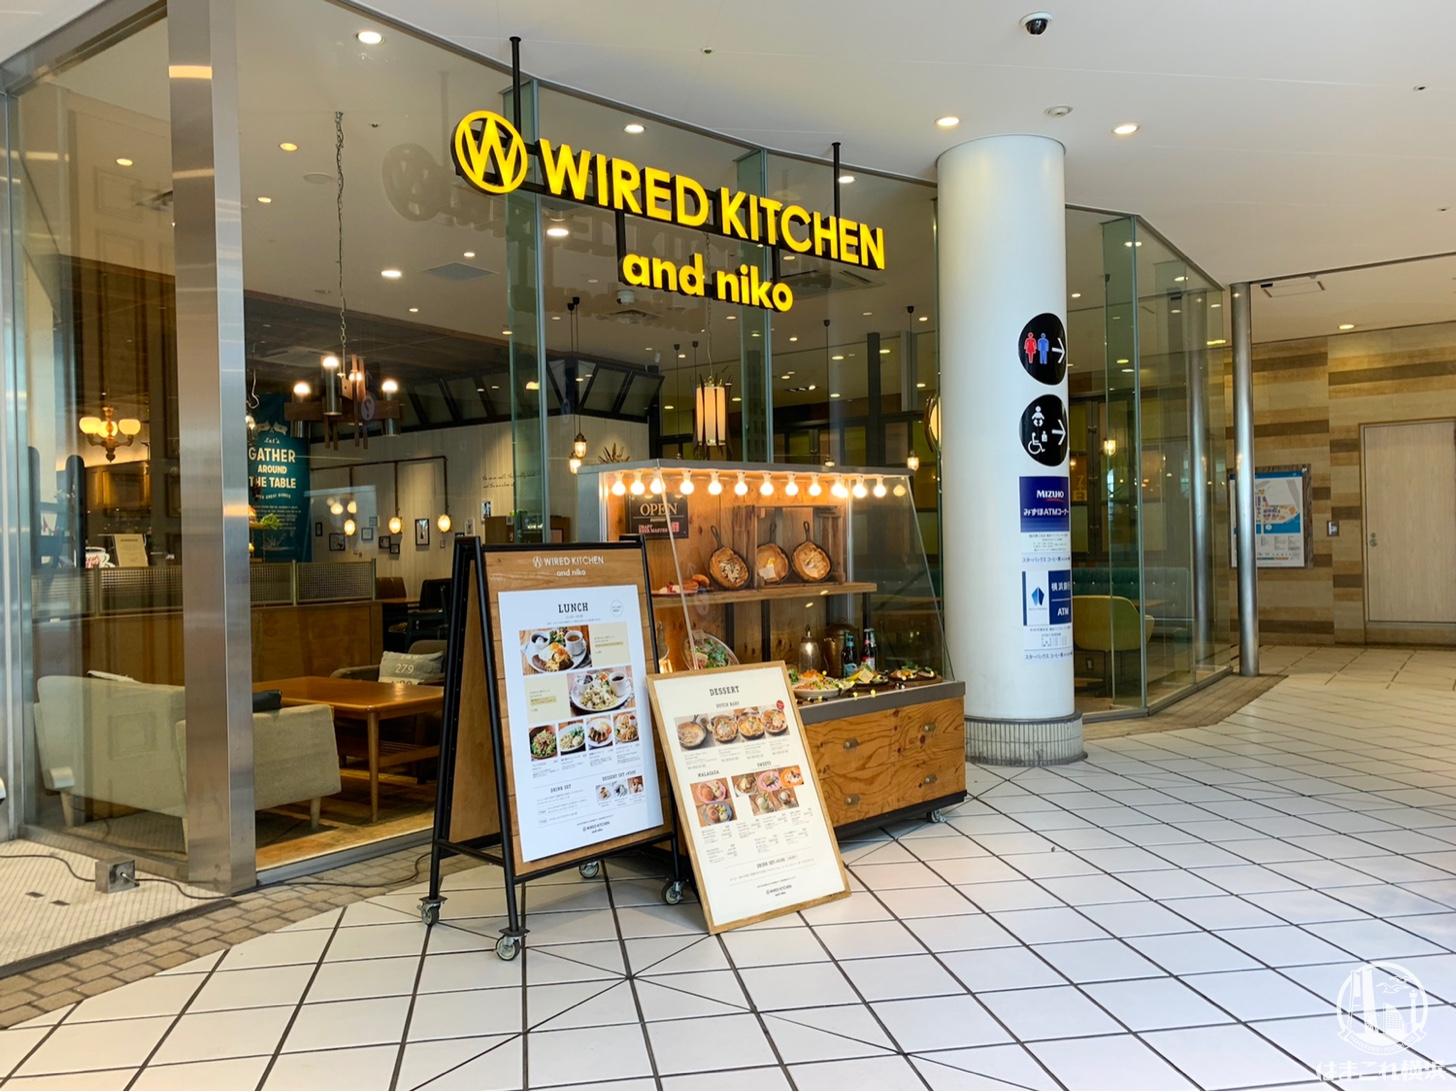 横浜ベイクォーター「ワイアード キッチン アンド ニコ」が1月26日に閉店